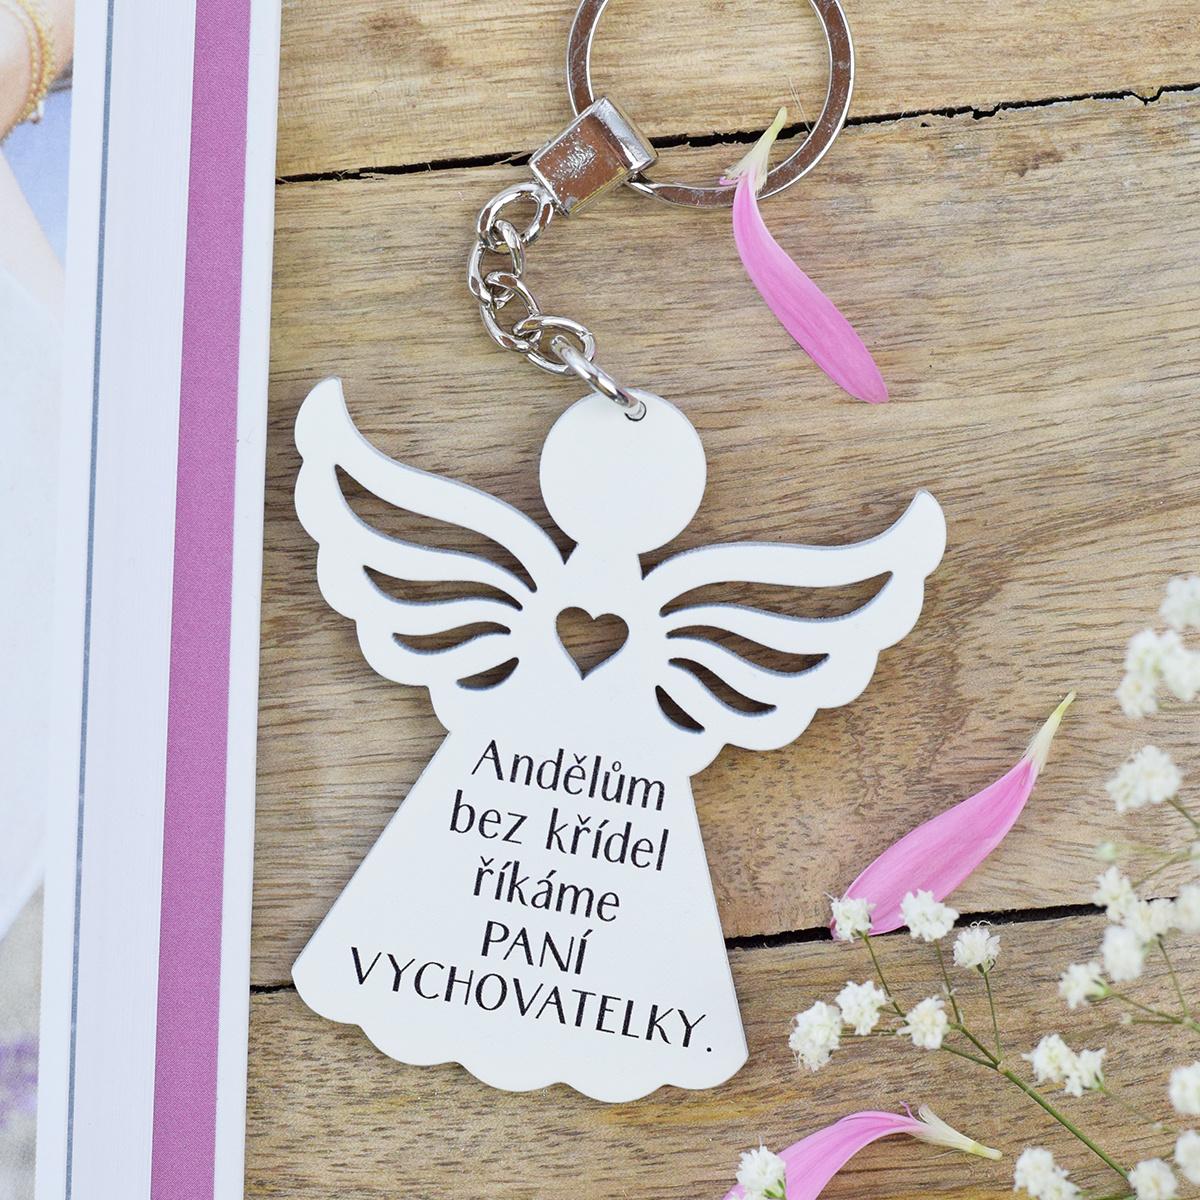 HOUSEDECOR Klíčenka anděl - Paní vychovatelka